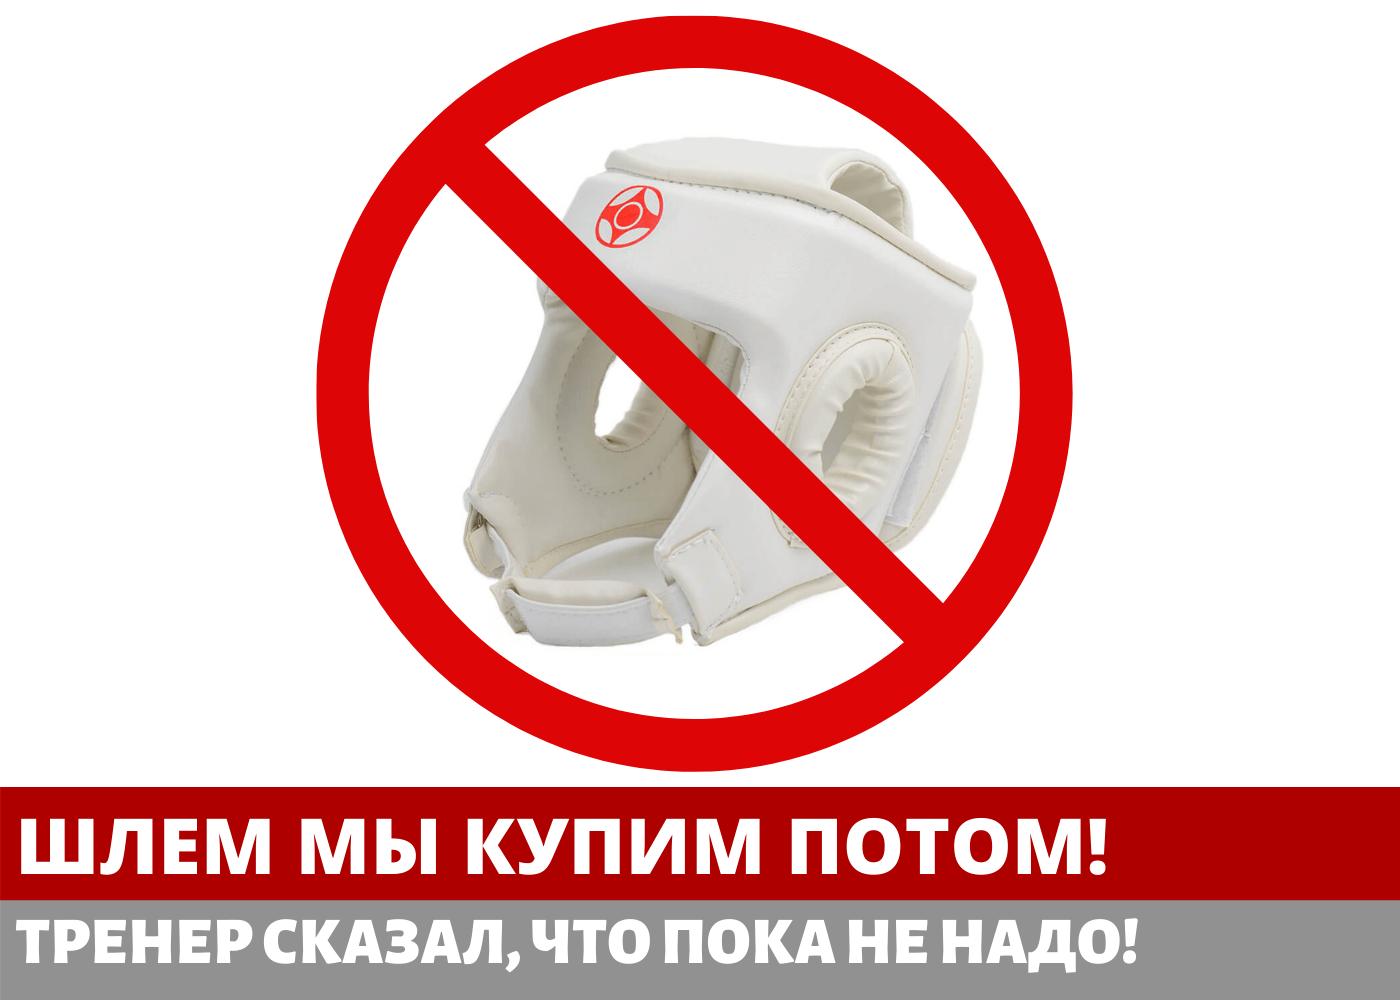 Нам шлем, сказали пока не покупать!